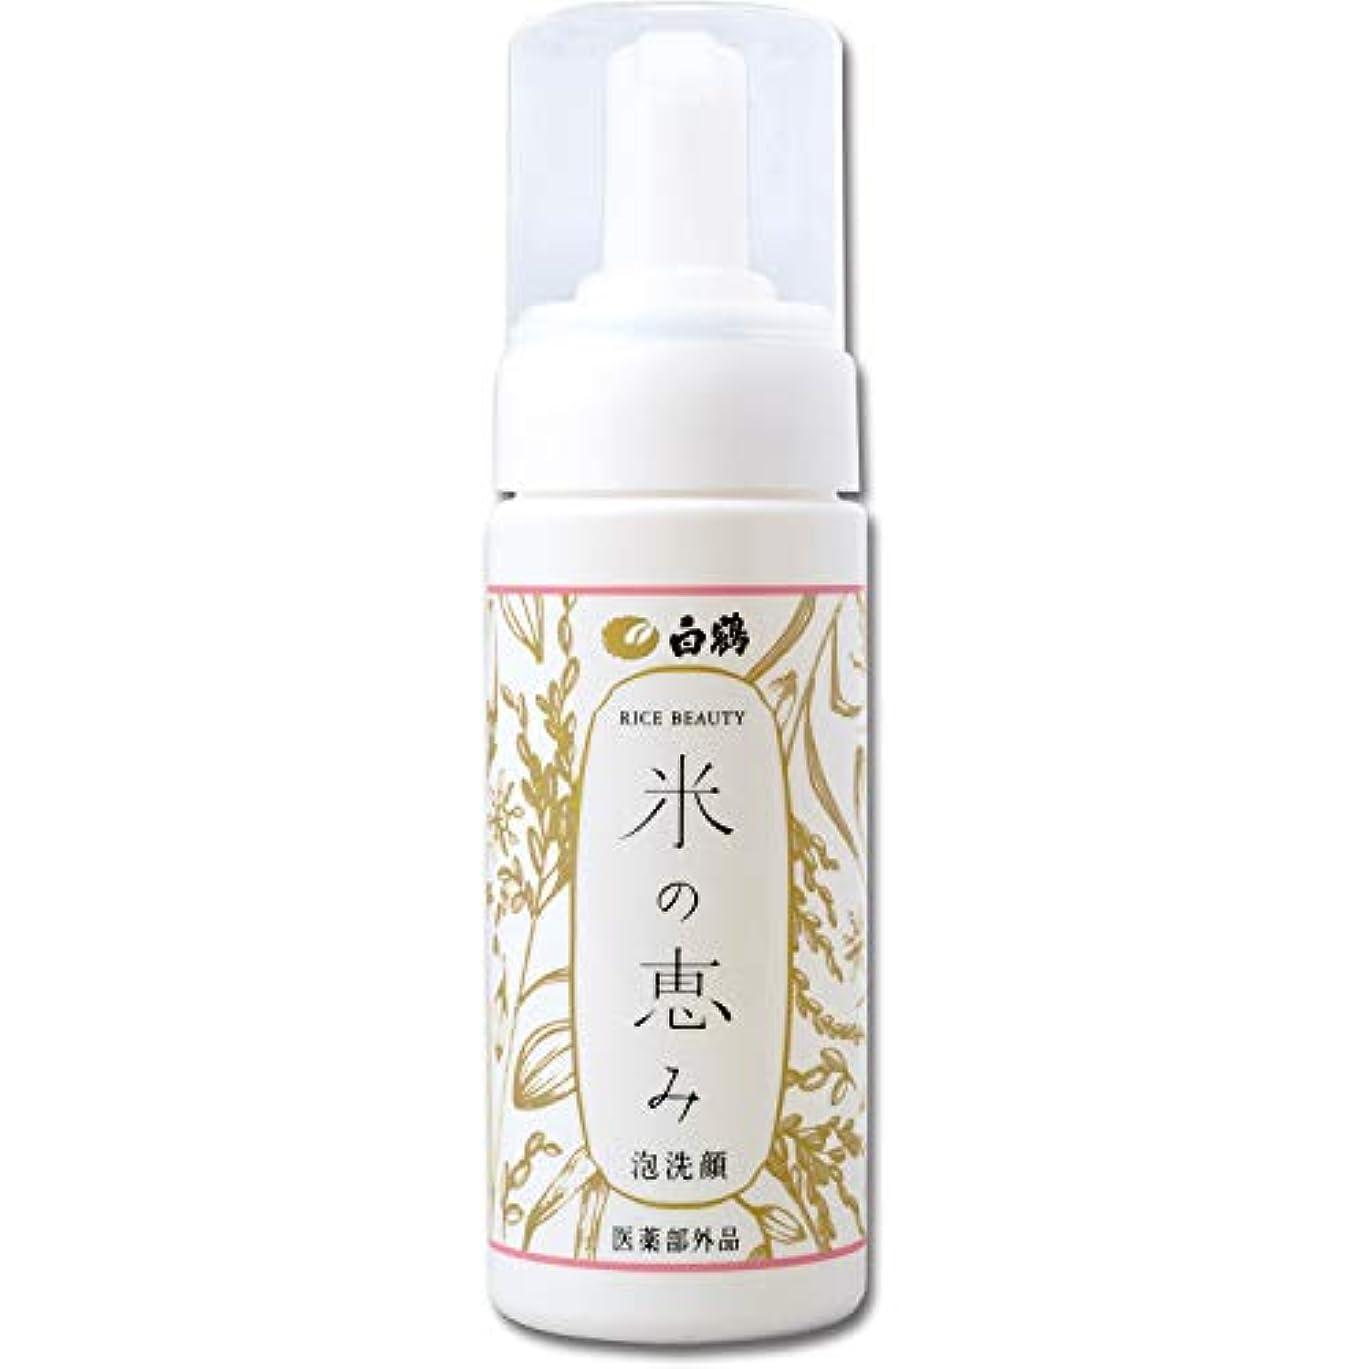 分注する混雑強度白鶴 ライスビューティー 米の恵み 泡洗顔 150ml (医薬部外品)